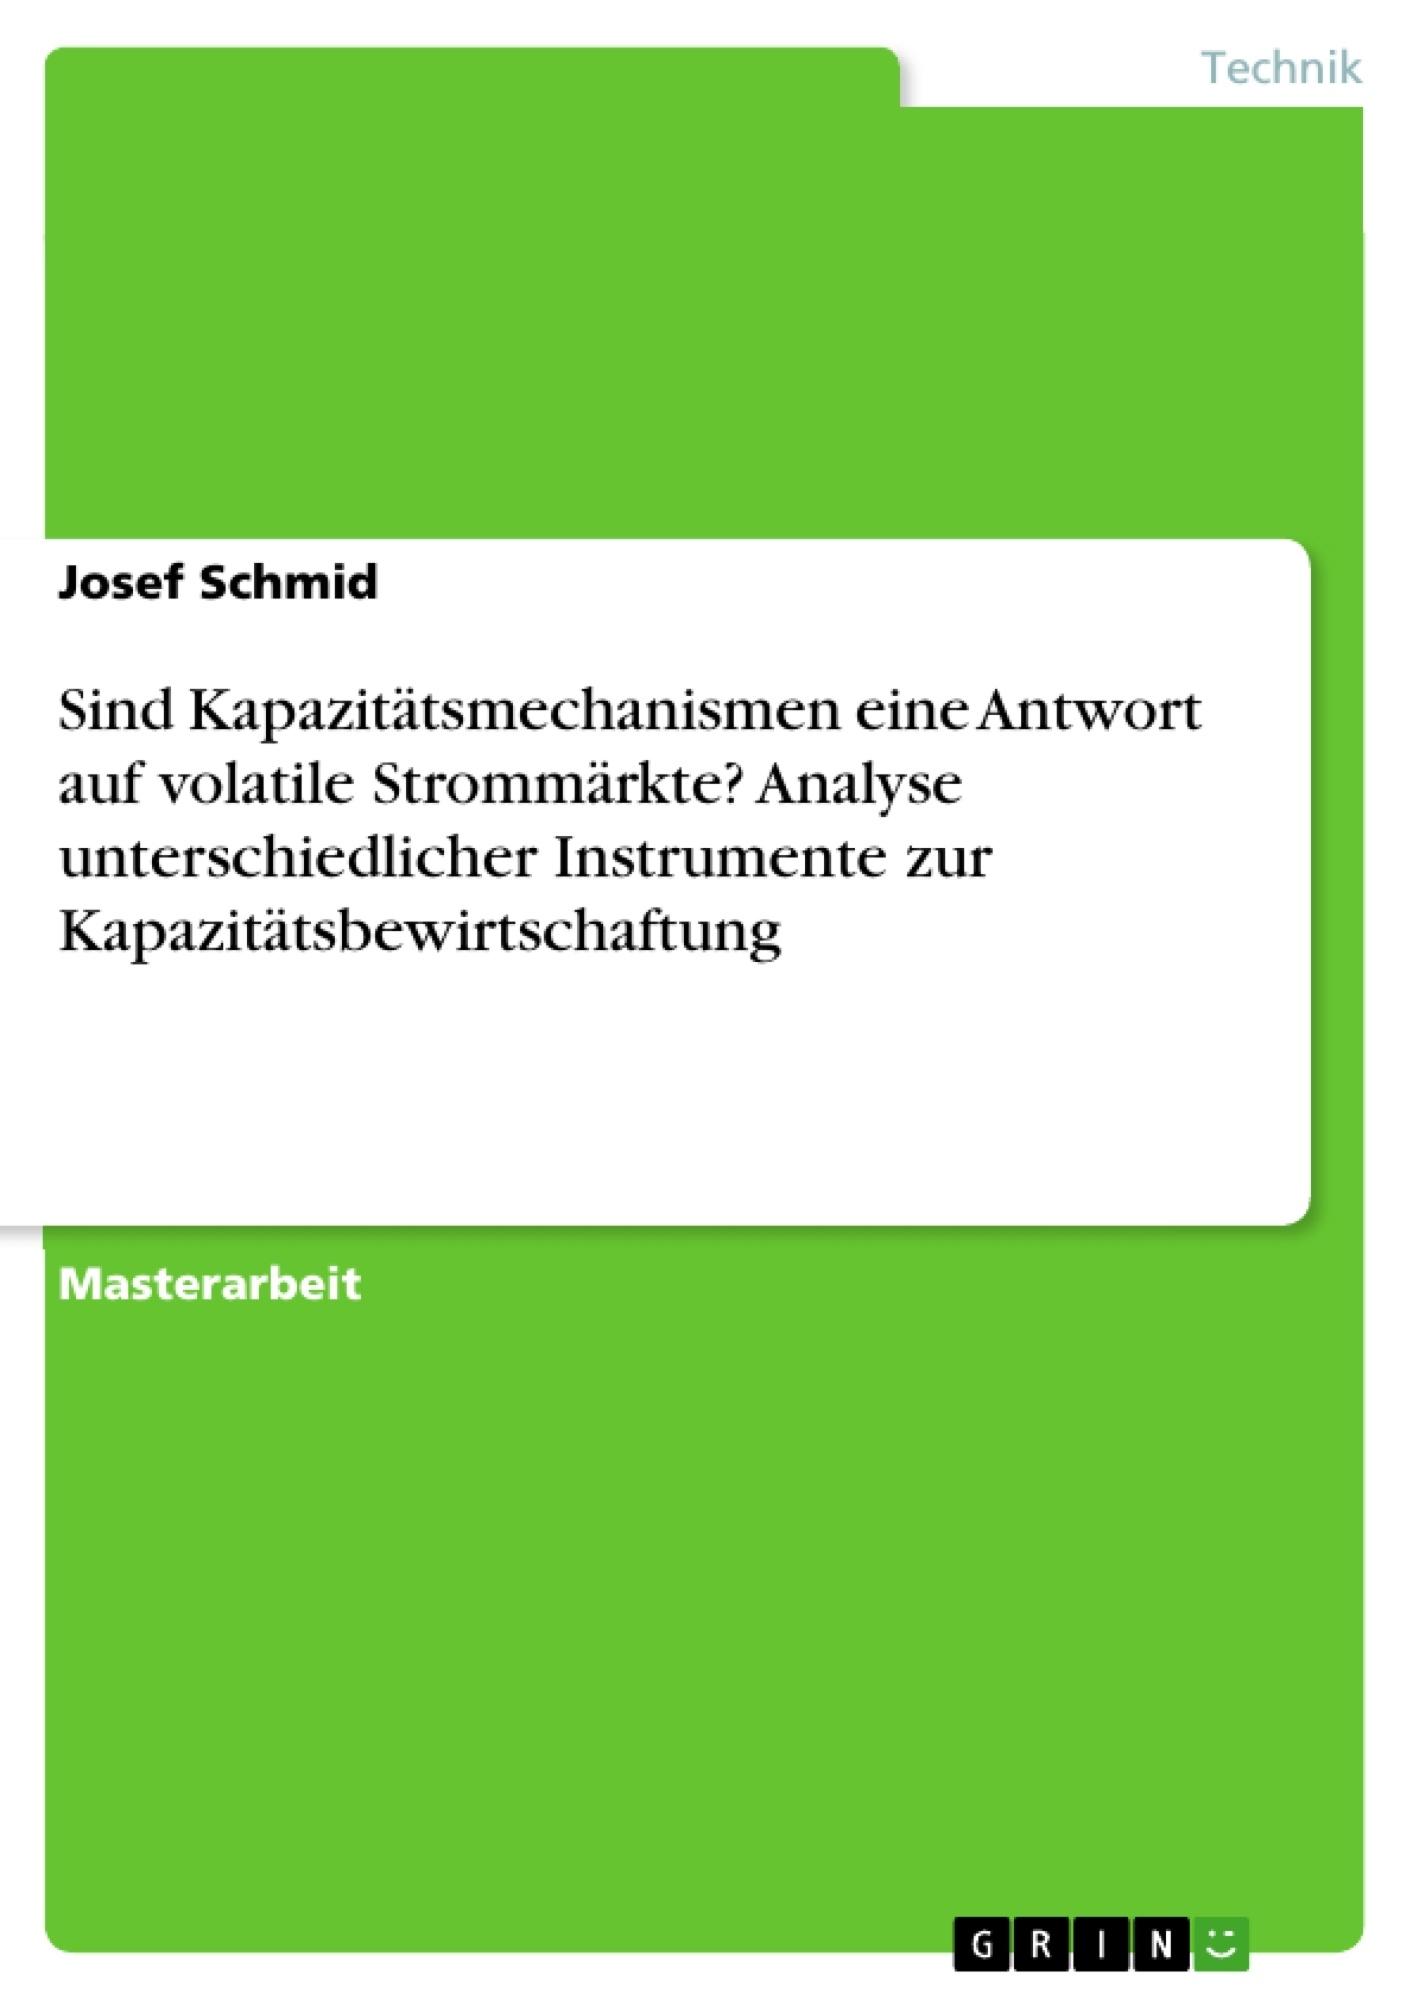 Titel: Sind Kapazitätsmechanismen eine Antwort auf volatile Strommärkte? Analyse unterschiedlicher Instrumente zur Kapazitätsbewirtschaftung